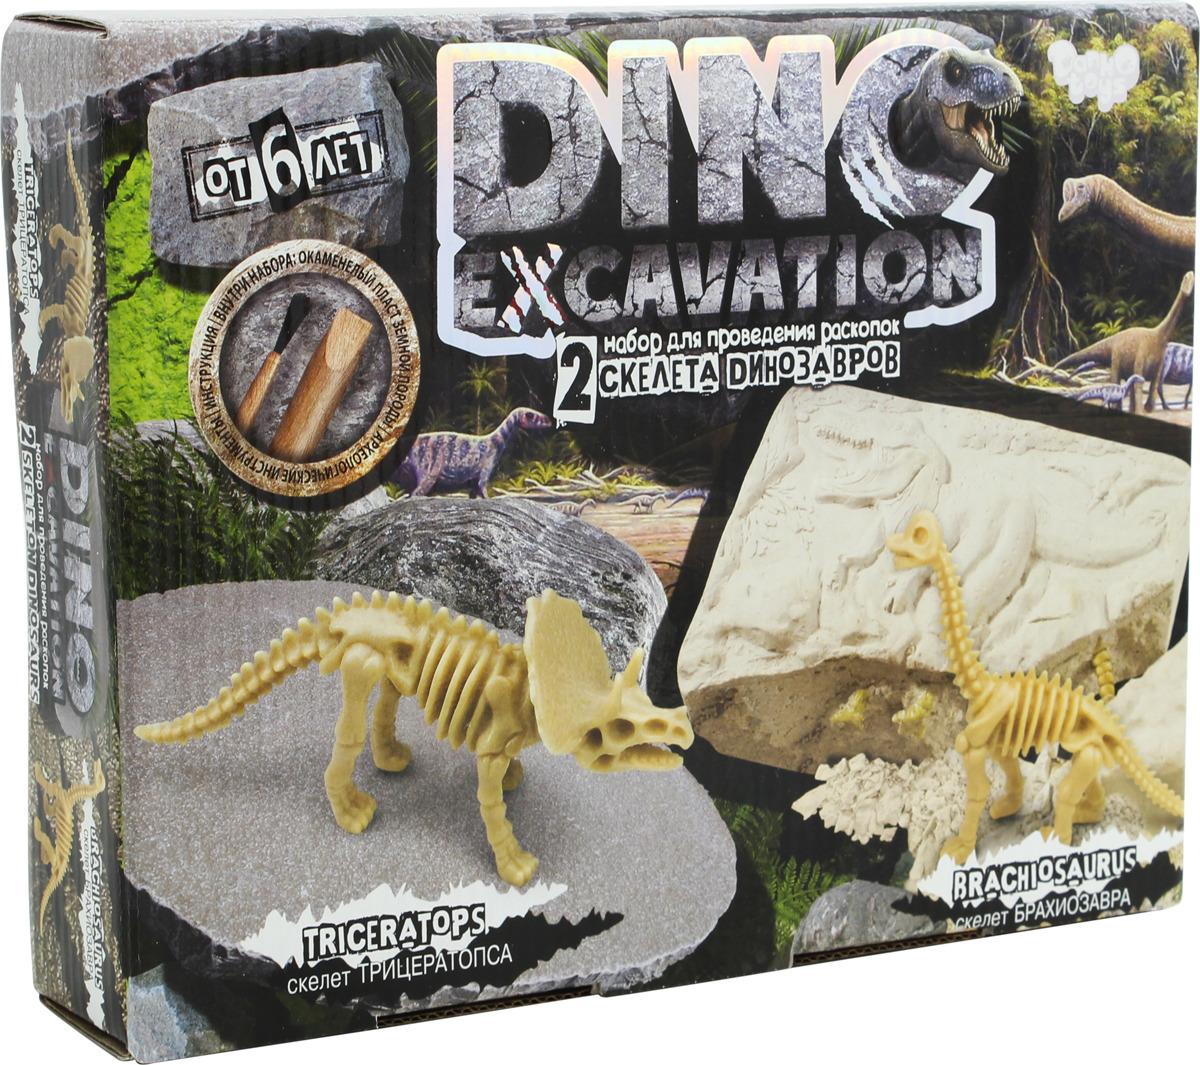 Набор для раскопок Danko Toys Dino Excavation. Динозаврики. Набор 1 набор для раскопок danko toys bugs excavation жуки набор 4